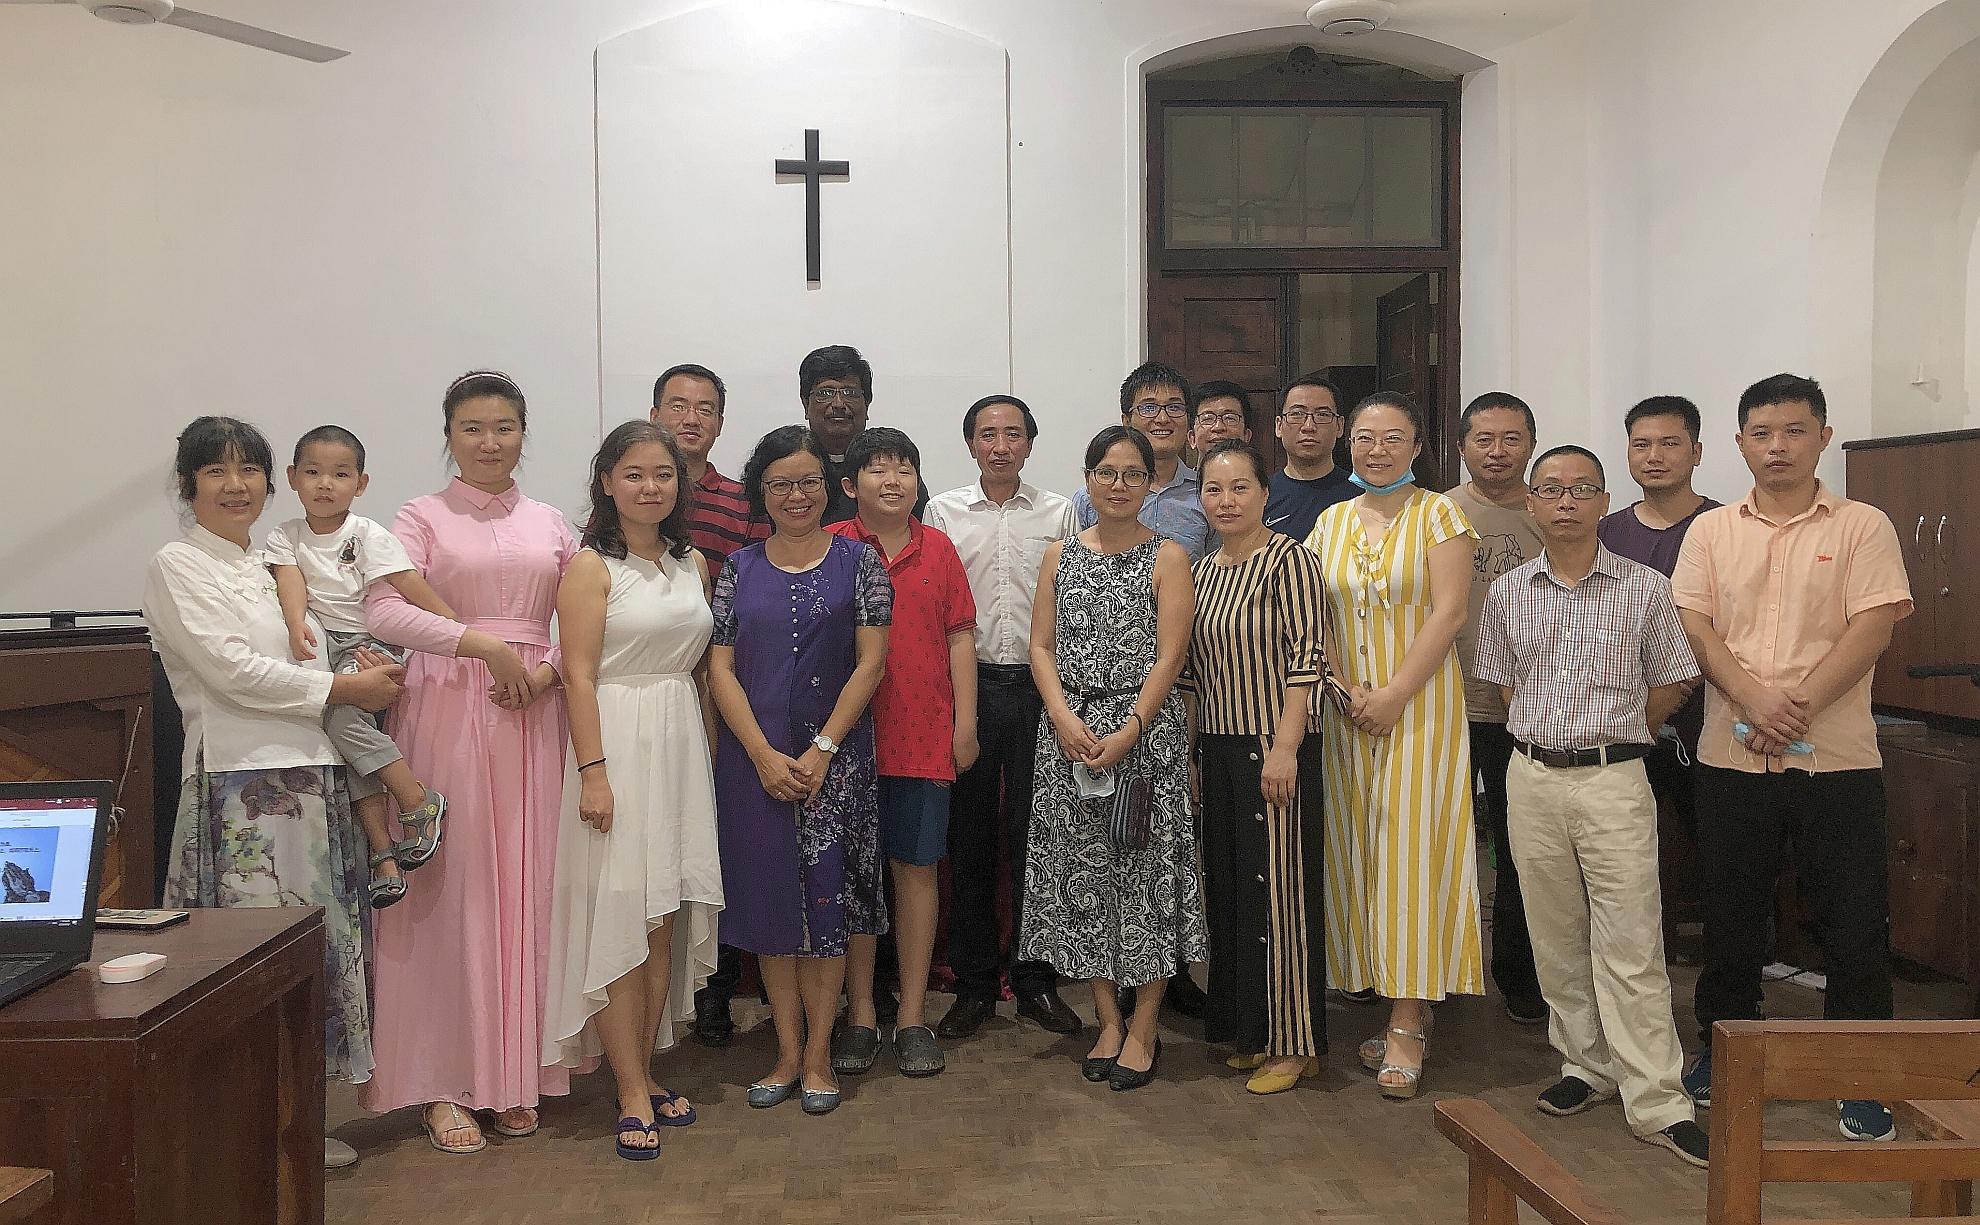 9月27日華人教會主日崇拜後合照